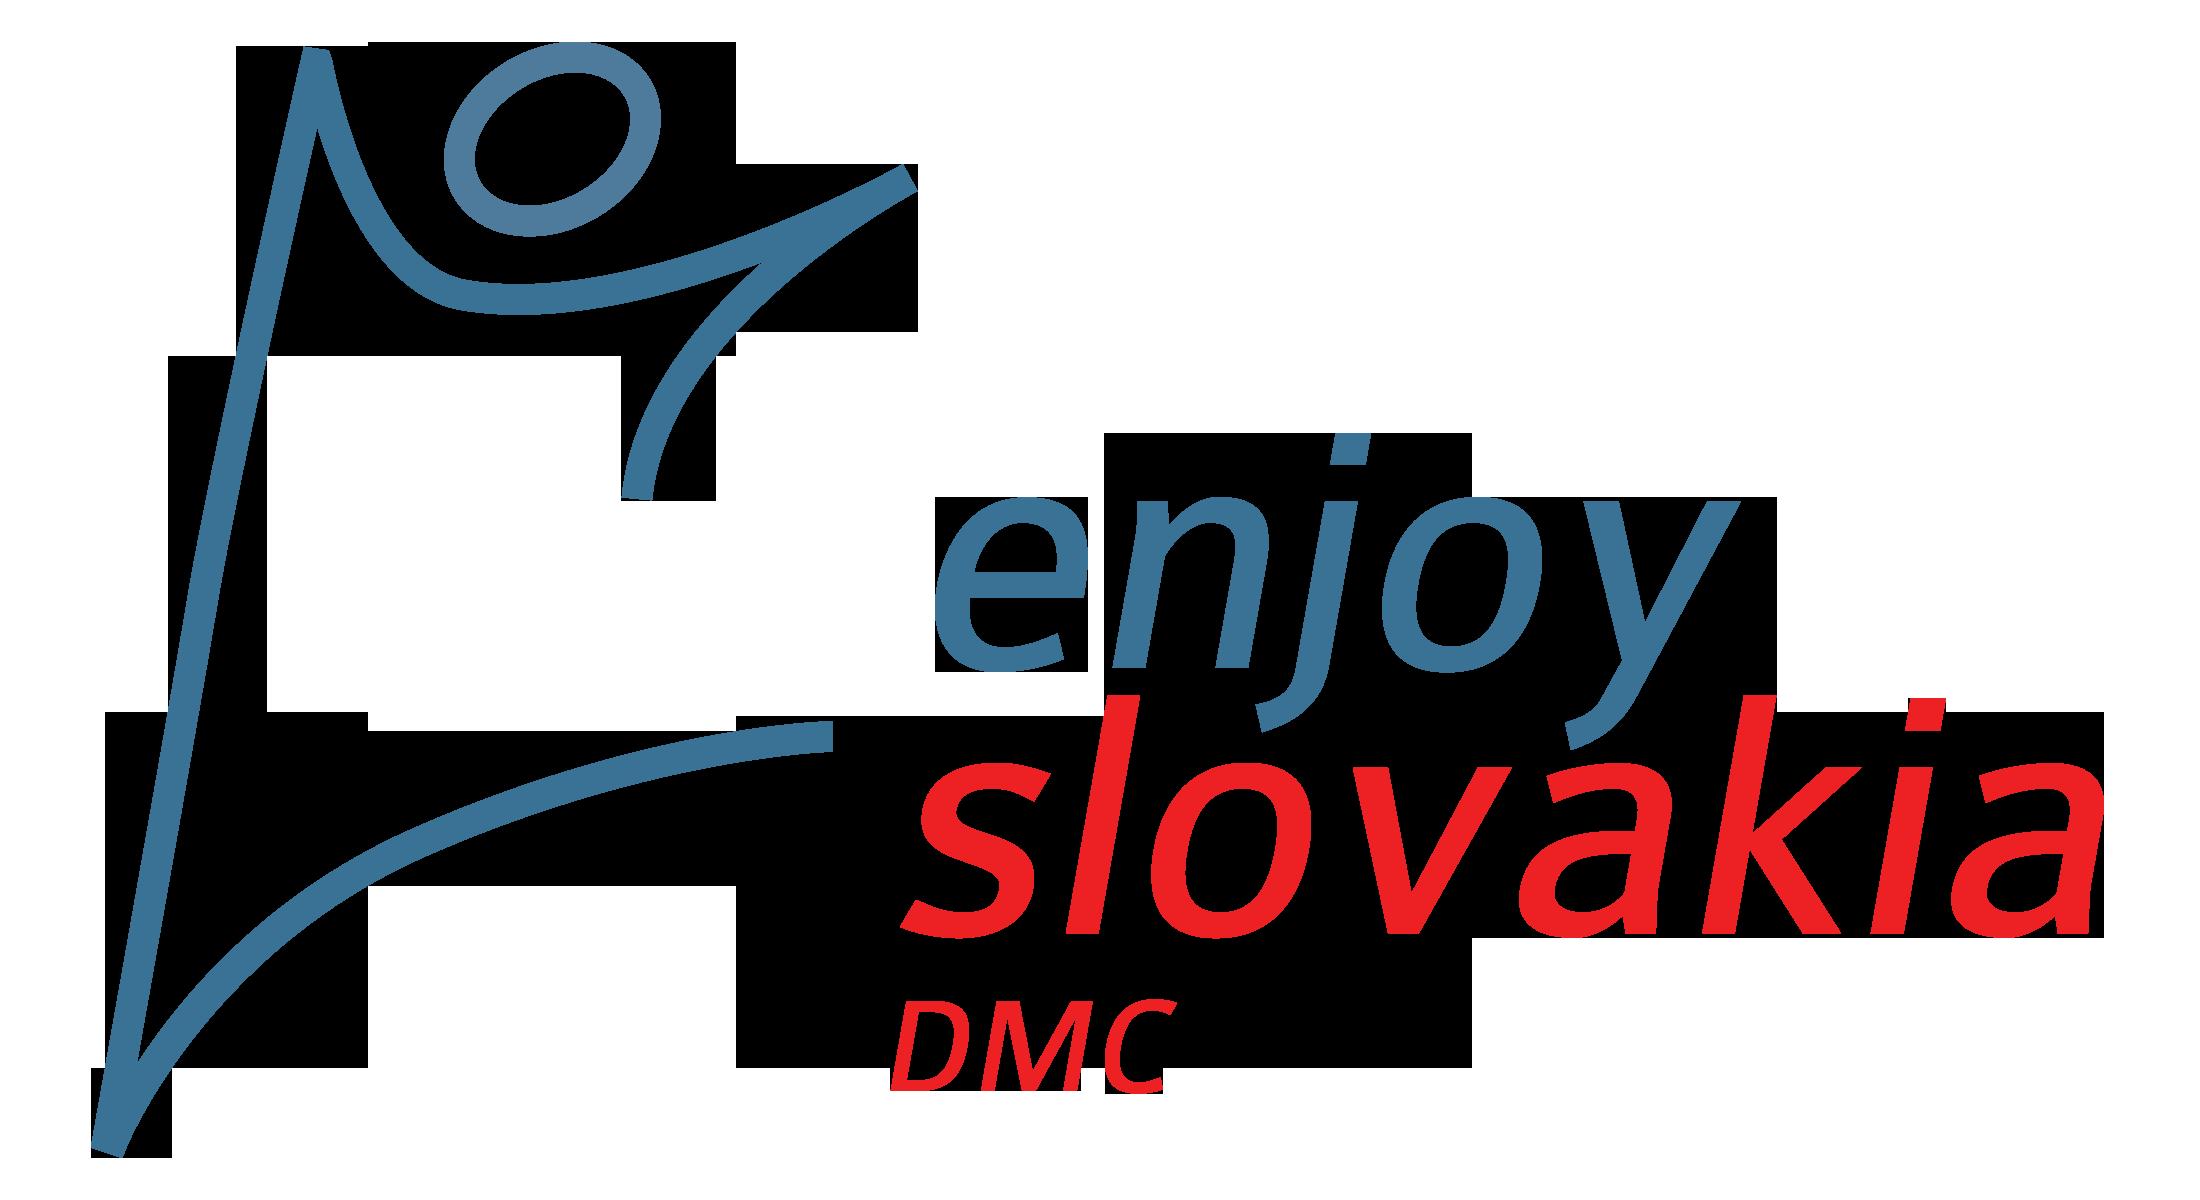 A leading DMC in Slovakia - Book with Enjoy Slovakia DMC